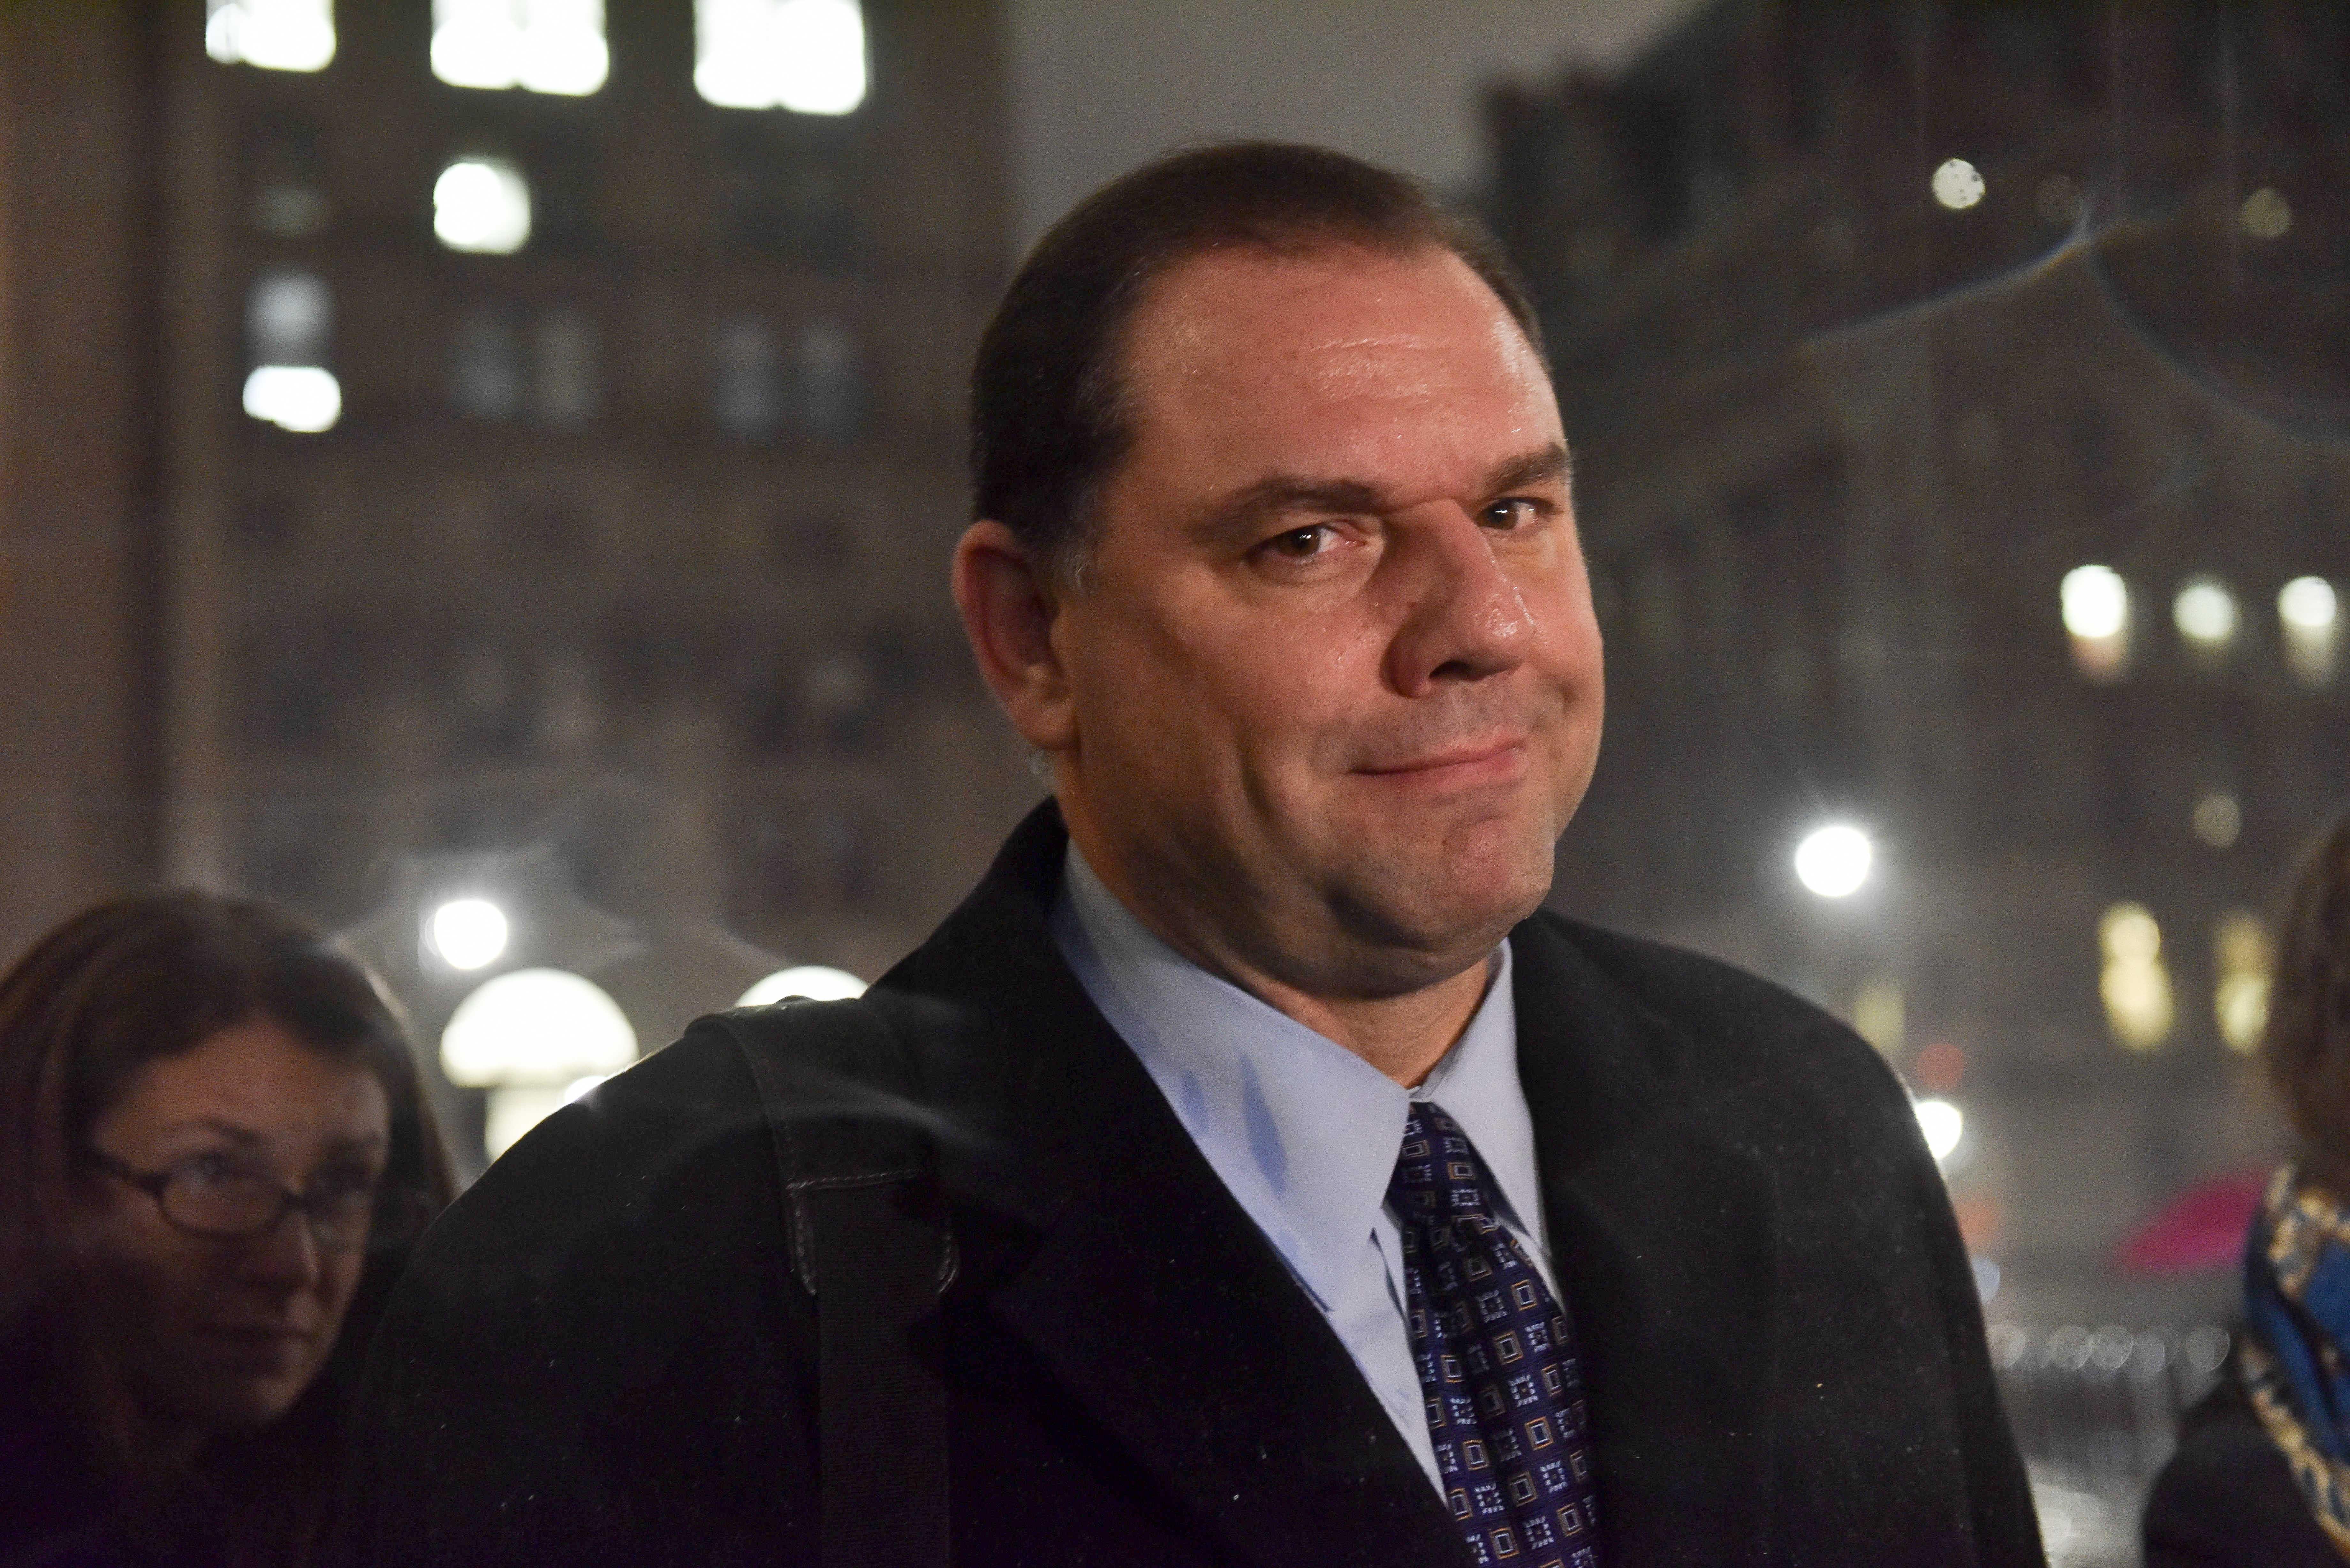 Joseph Percoco, a former aide to Gov. Andrew Cuomo.